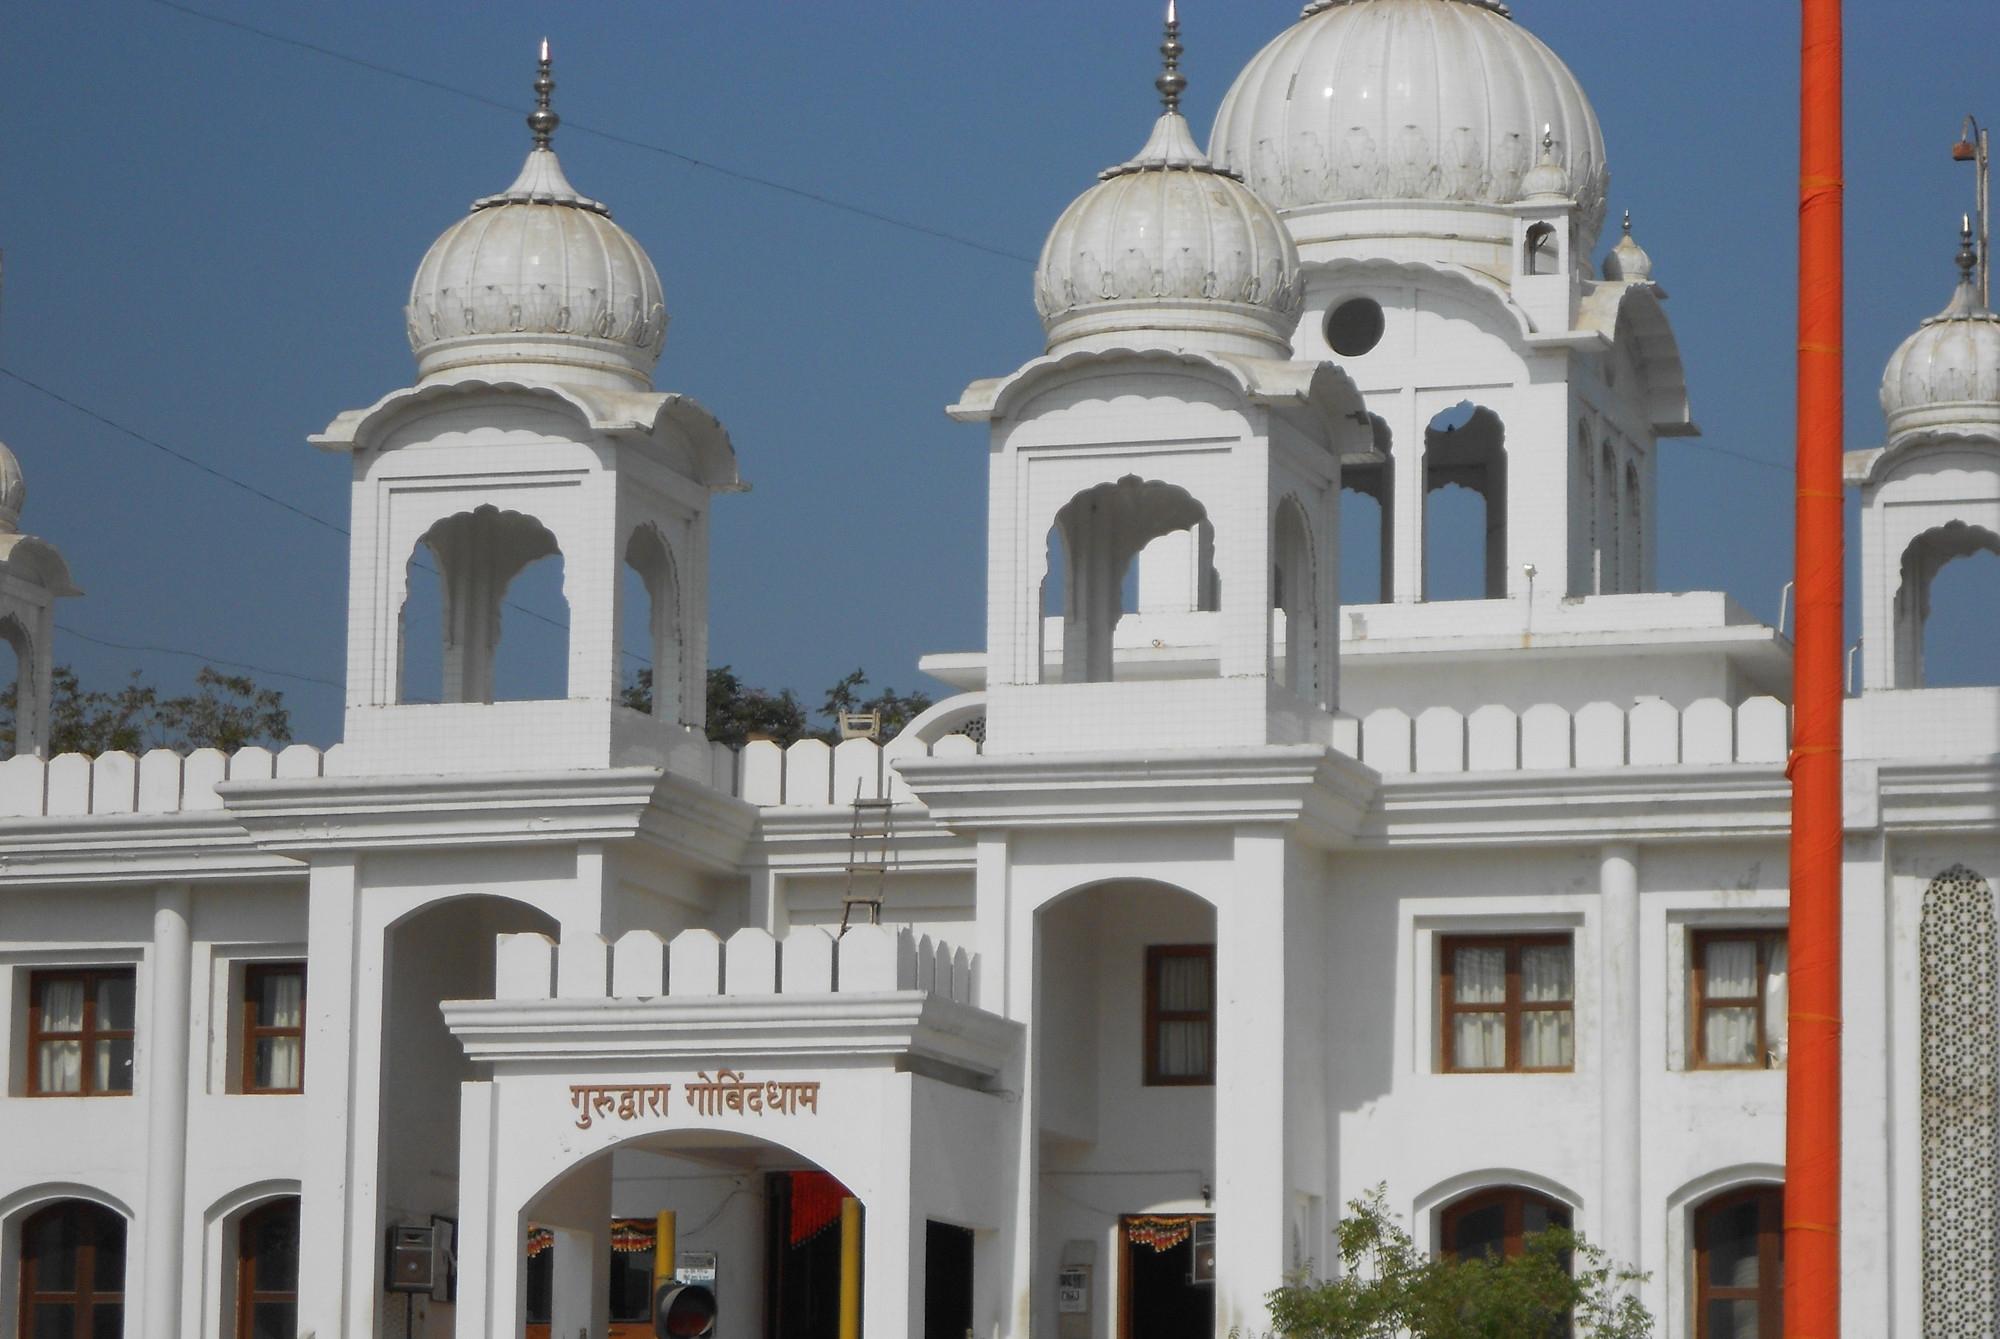 Ahmedabad India  city pictures gallery : ... :GURUDWARA GOVINDDHAM,AHMEDABAD,GUJARAT,INDIA Wikimedia Commons